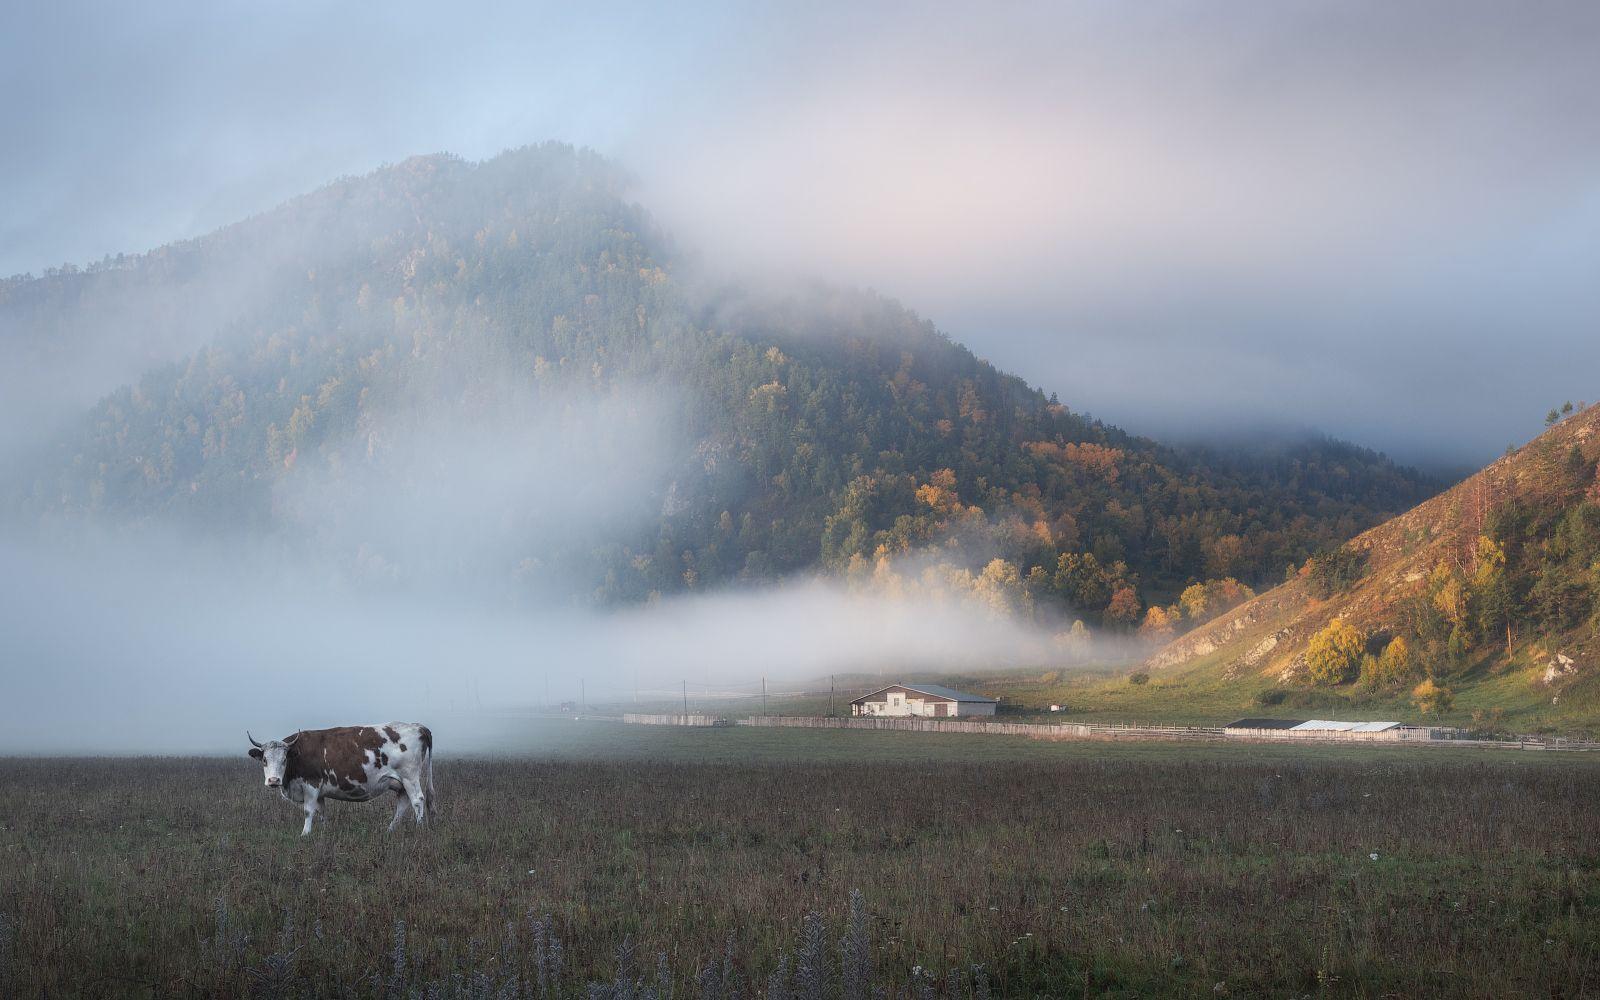 Про коровку, утренний туман и осенние горы алтай горный чемальский район элекмонар утренний туман золотая осень горы корова утро